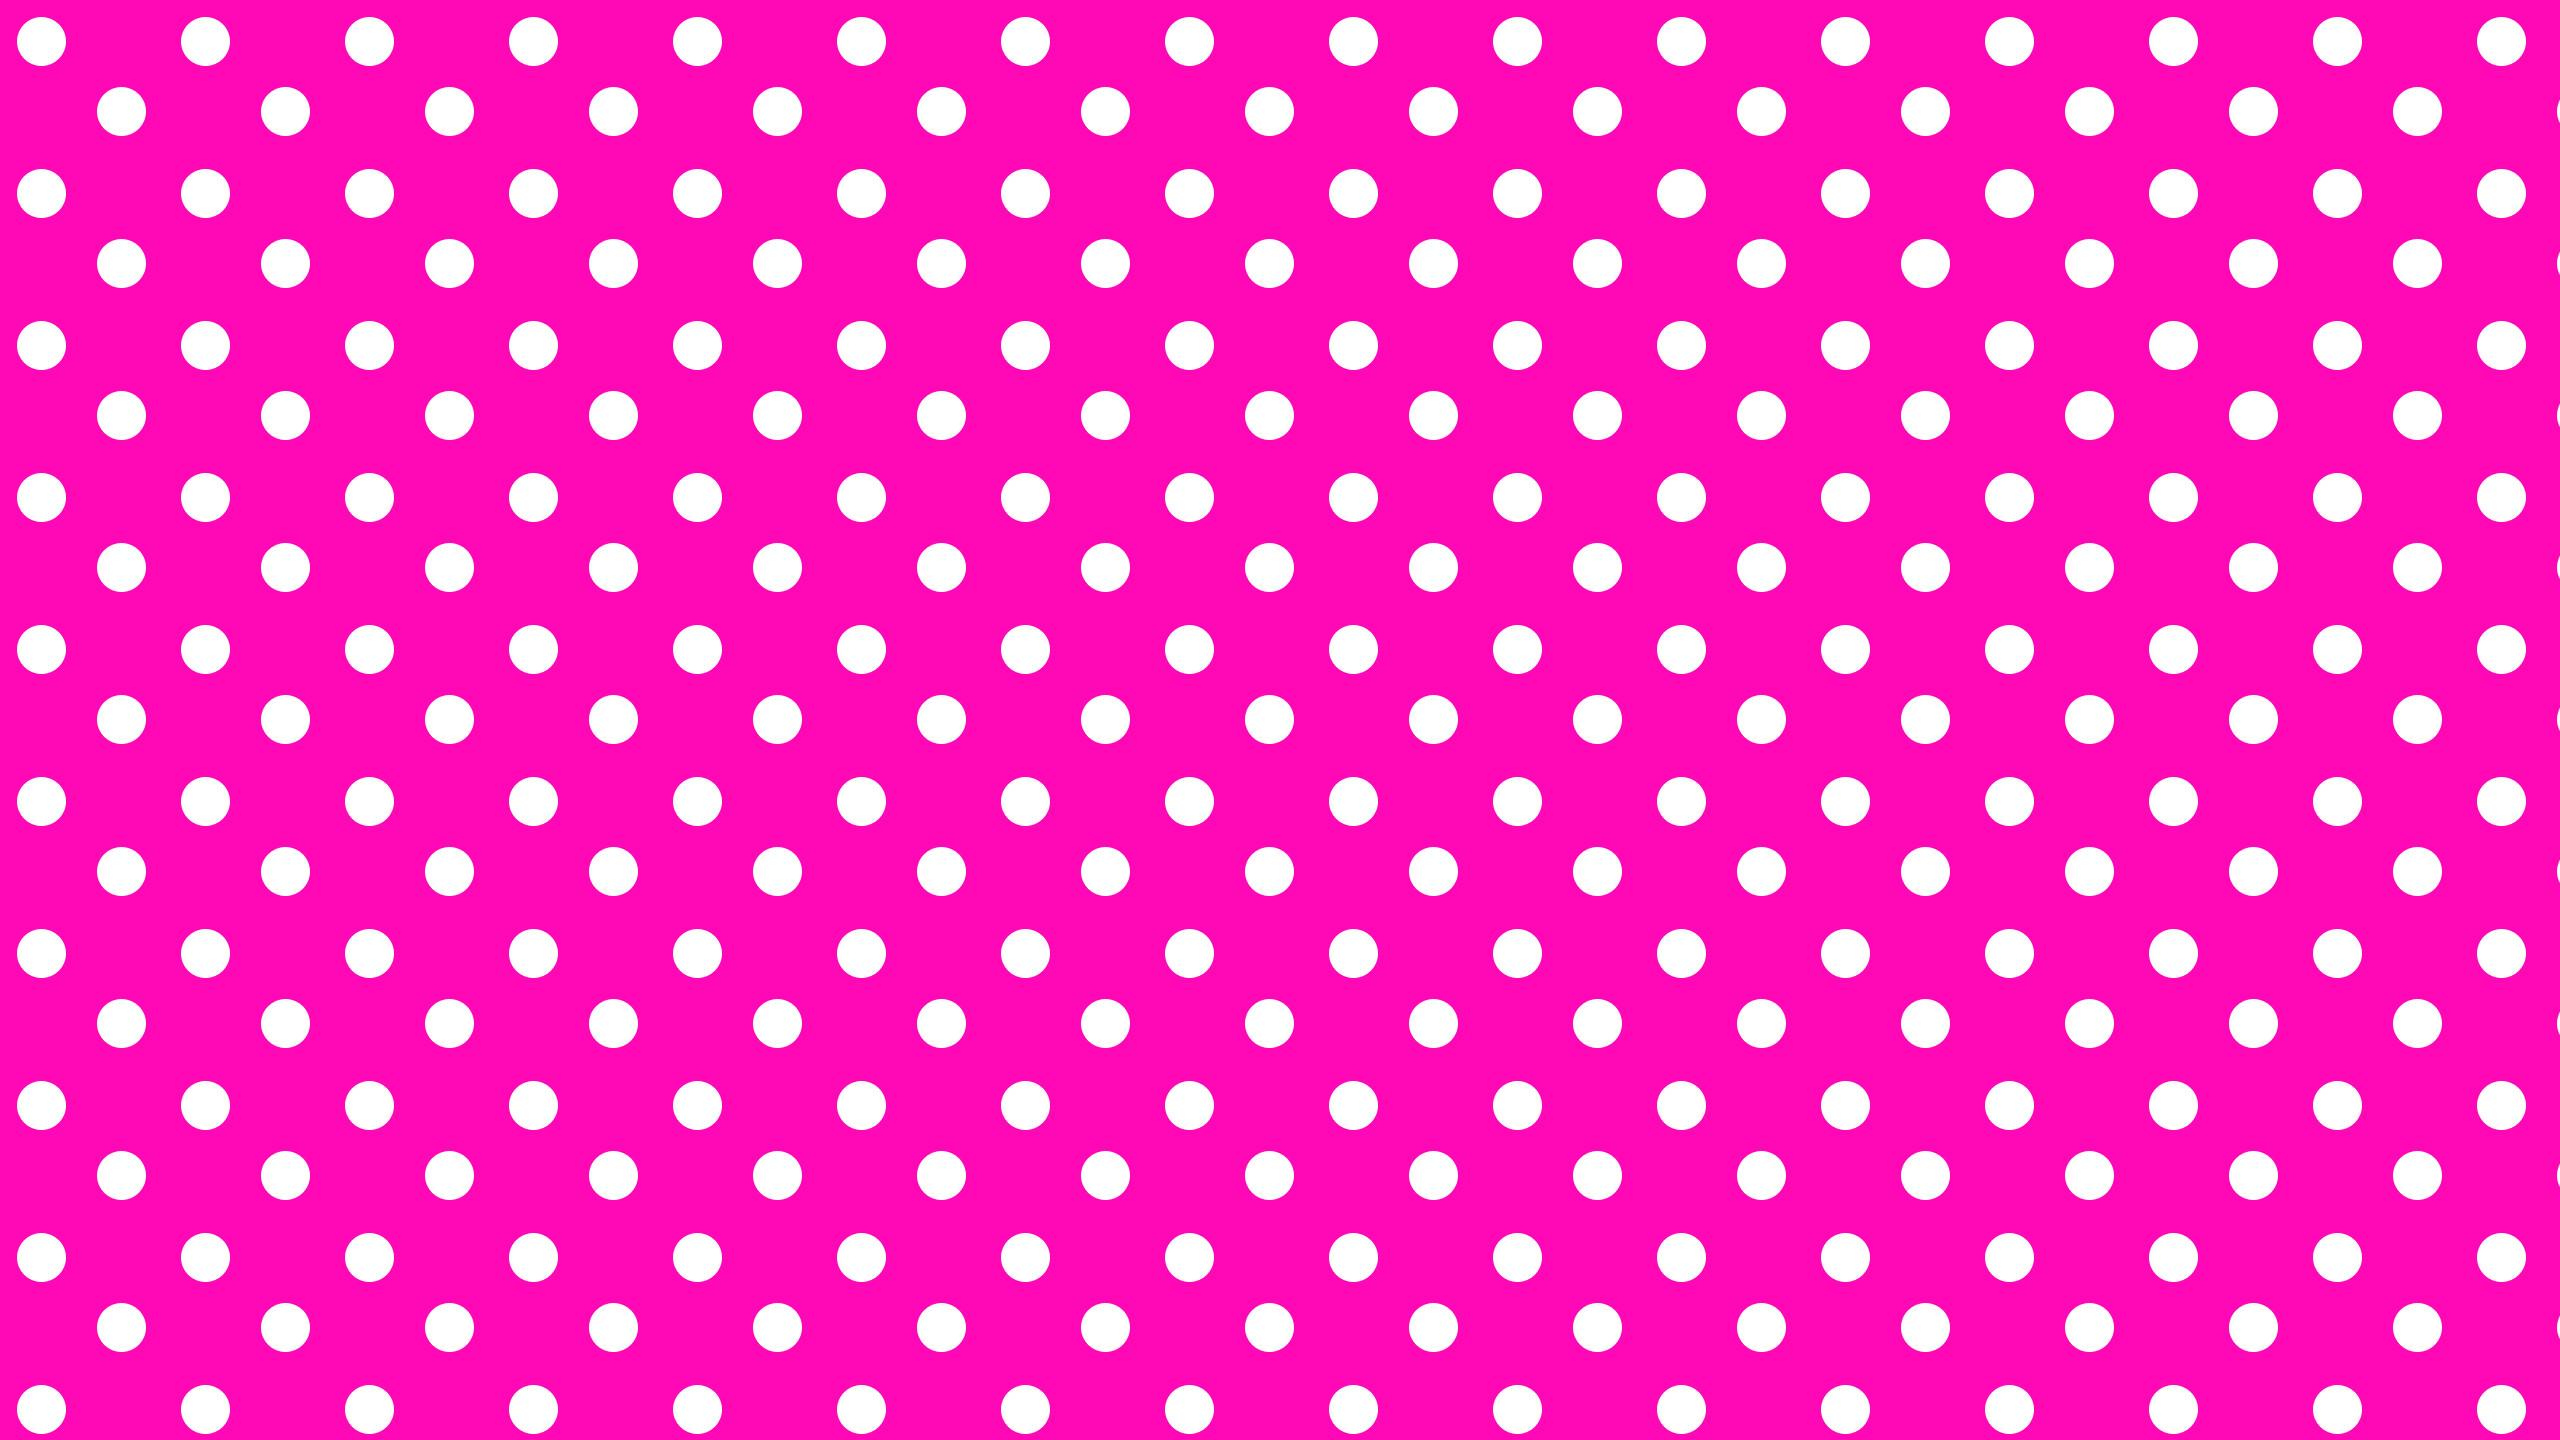 Gold Polka Dot Desktop Wallpaper (39+ images)